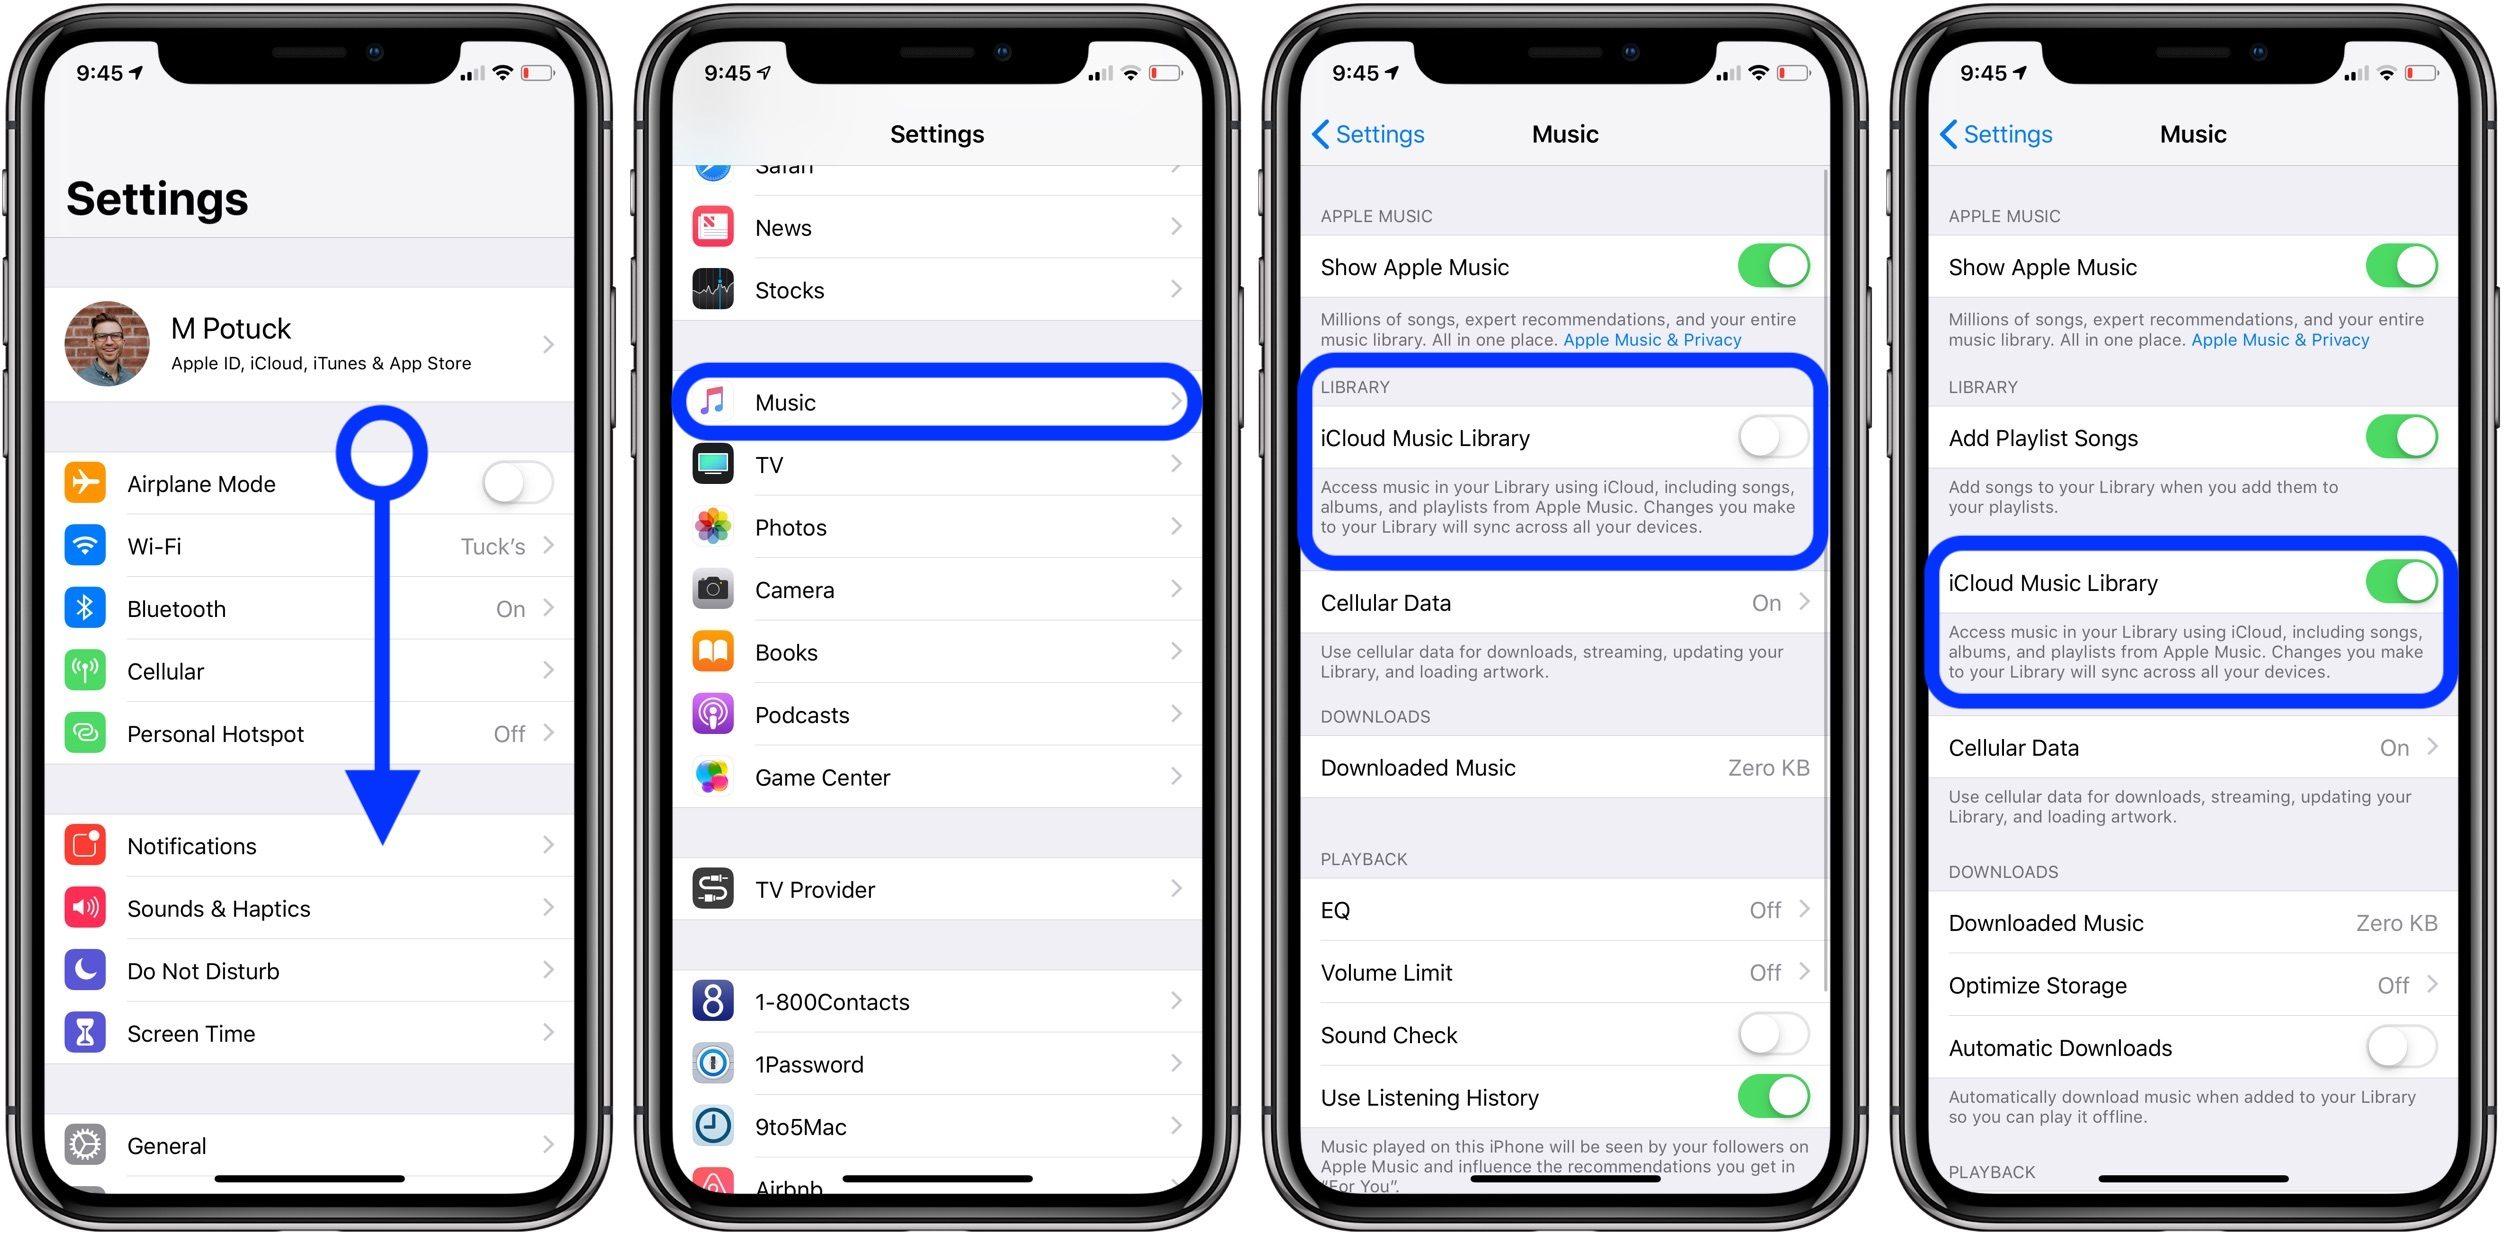 """<span href=""""https://9to5mac.com/2019/02/26/apple-music-library-missing/"""">Apple biblioteca de Música que faltan? Compruebe el iCloud de los ajustes de Música</a>"""